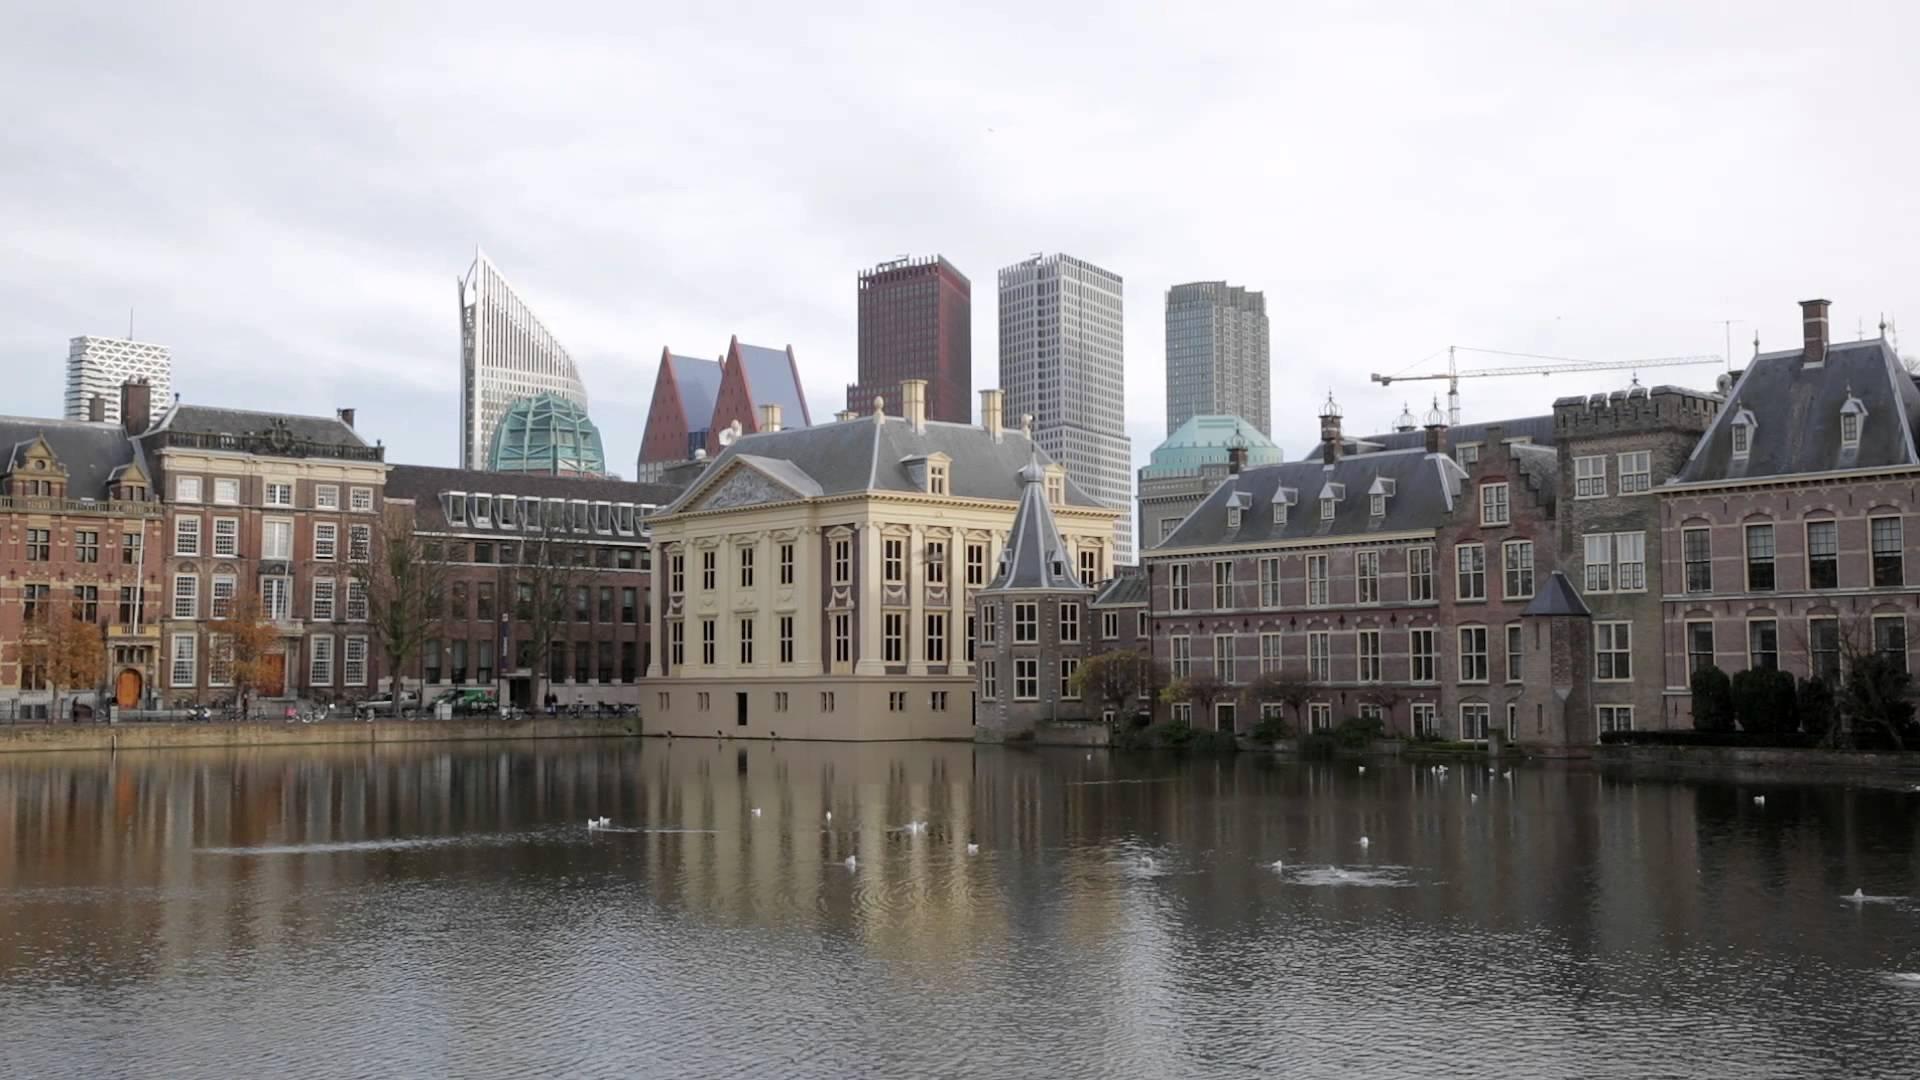 Học bổng Thạc sĩ dành cho sinh viên quốc tế, Đại học Leiden, Hà Lan, 2017